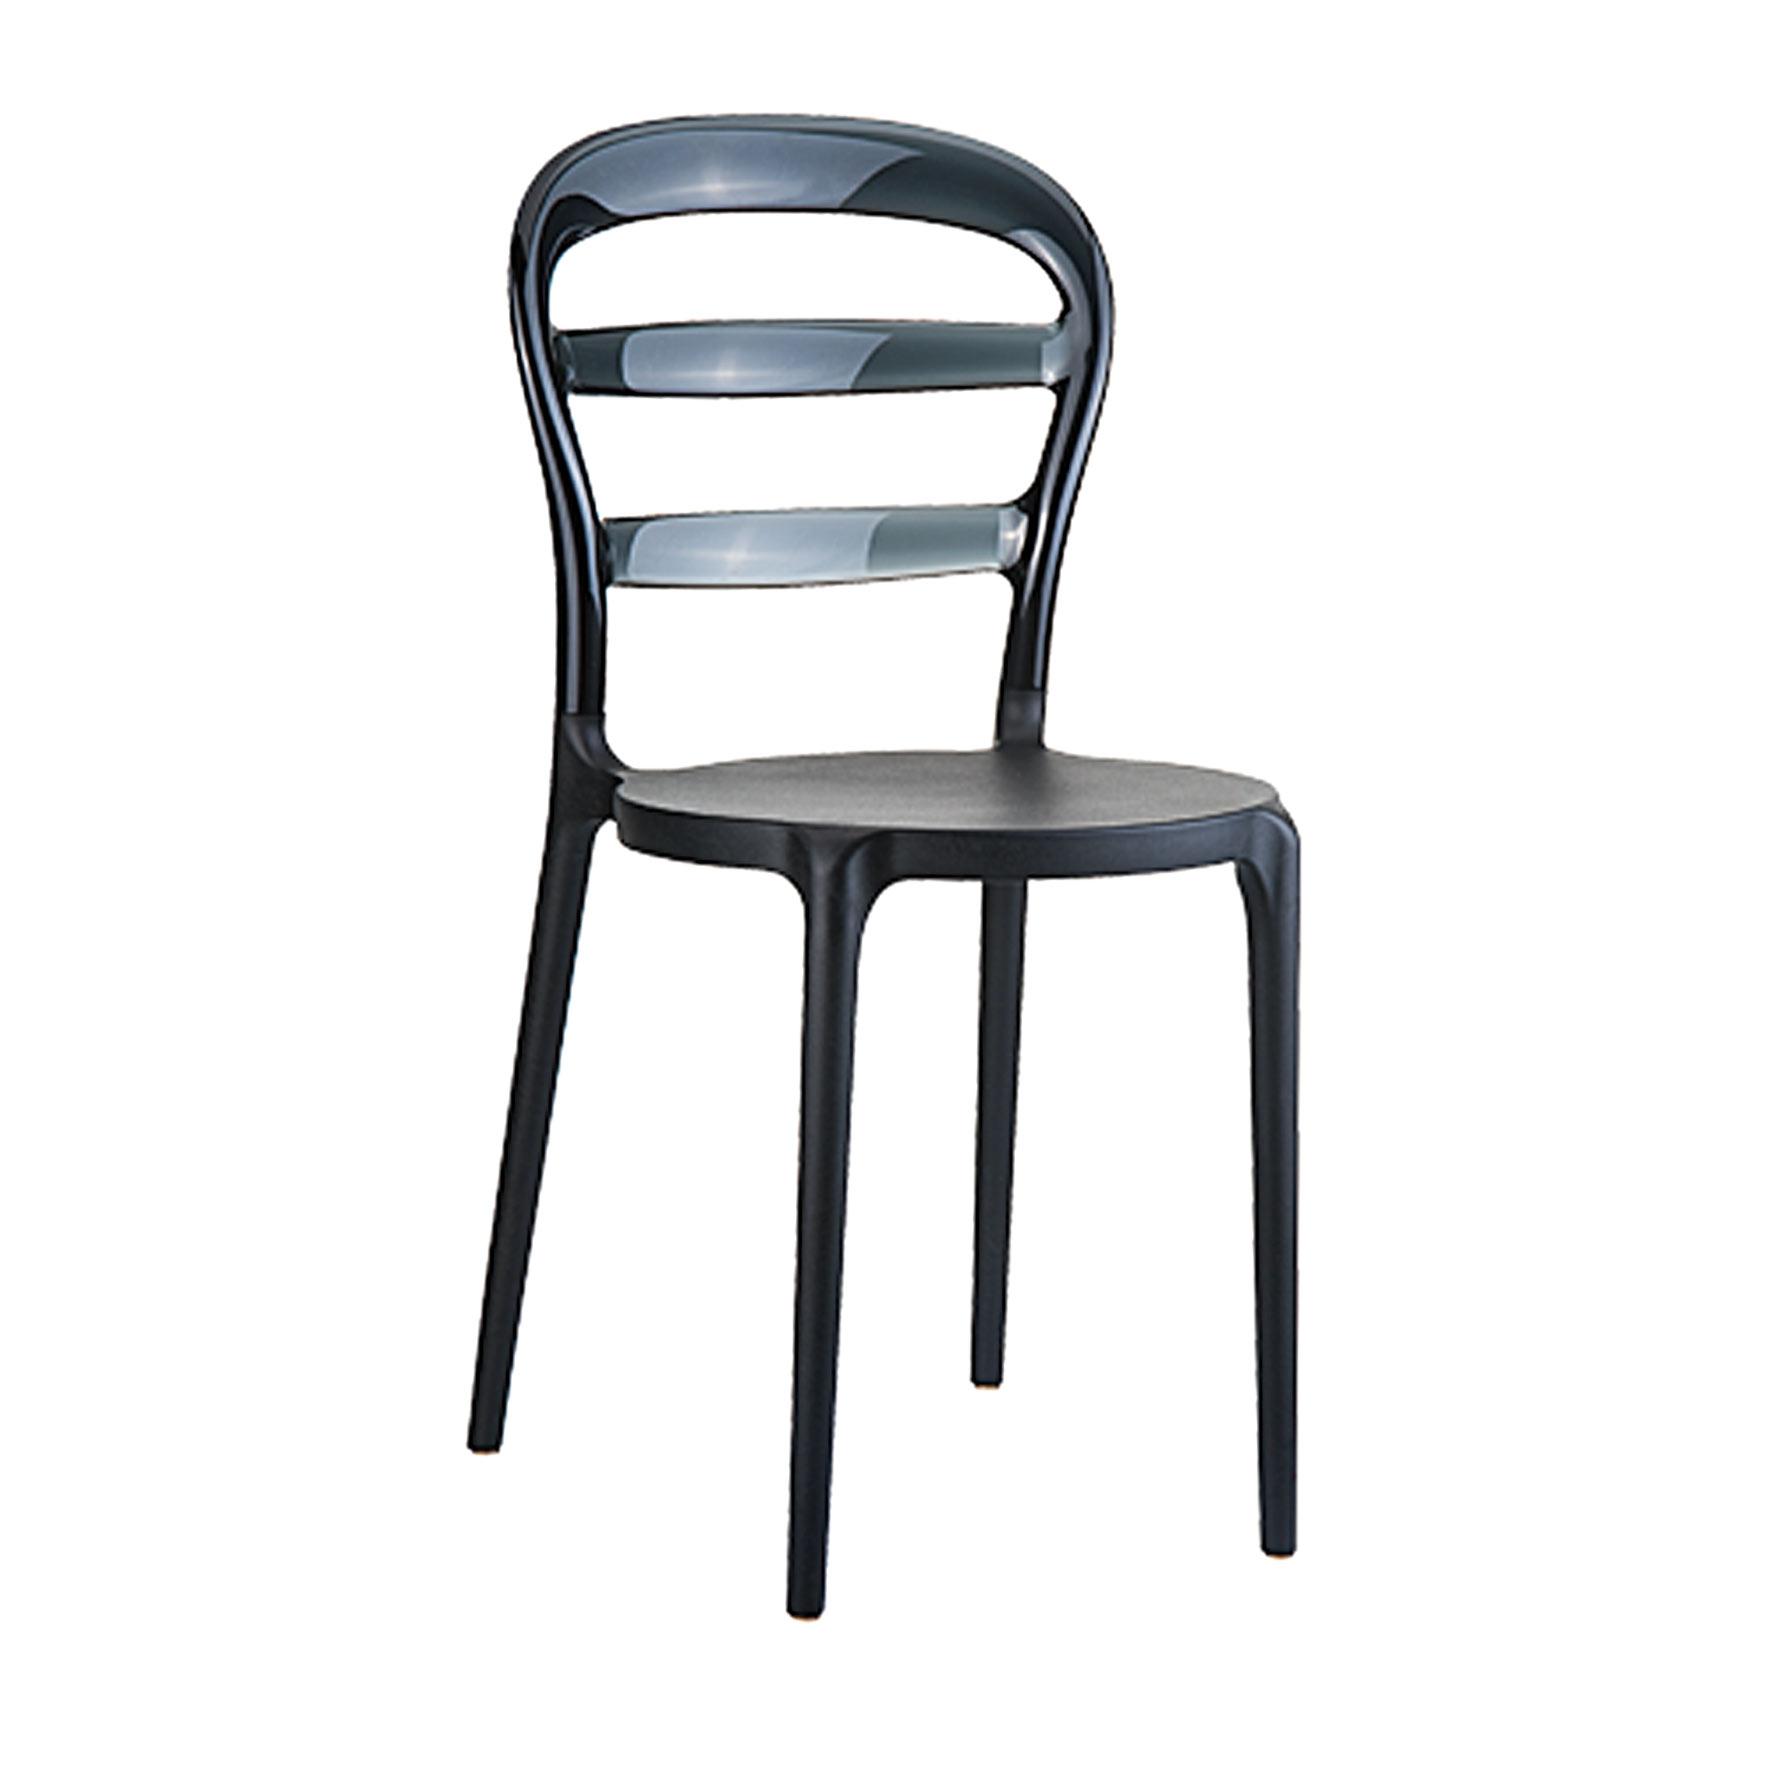 Sedie Intrecciate In Plastica.Sedie Da Esterno Interno In Plastica Di Ottima Qualita A Prezzi